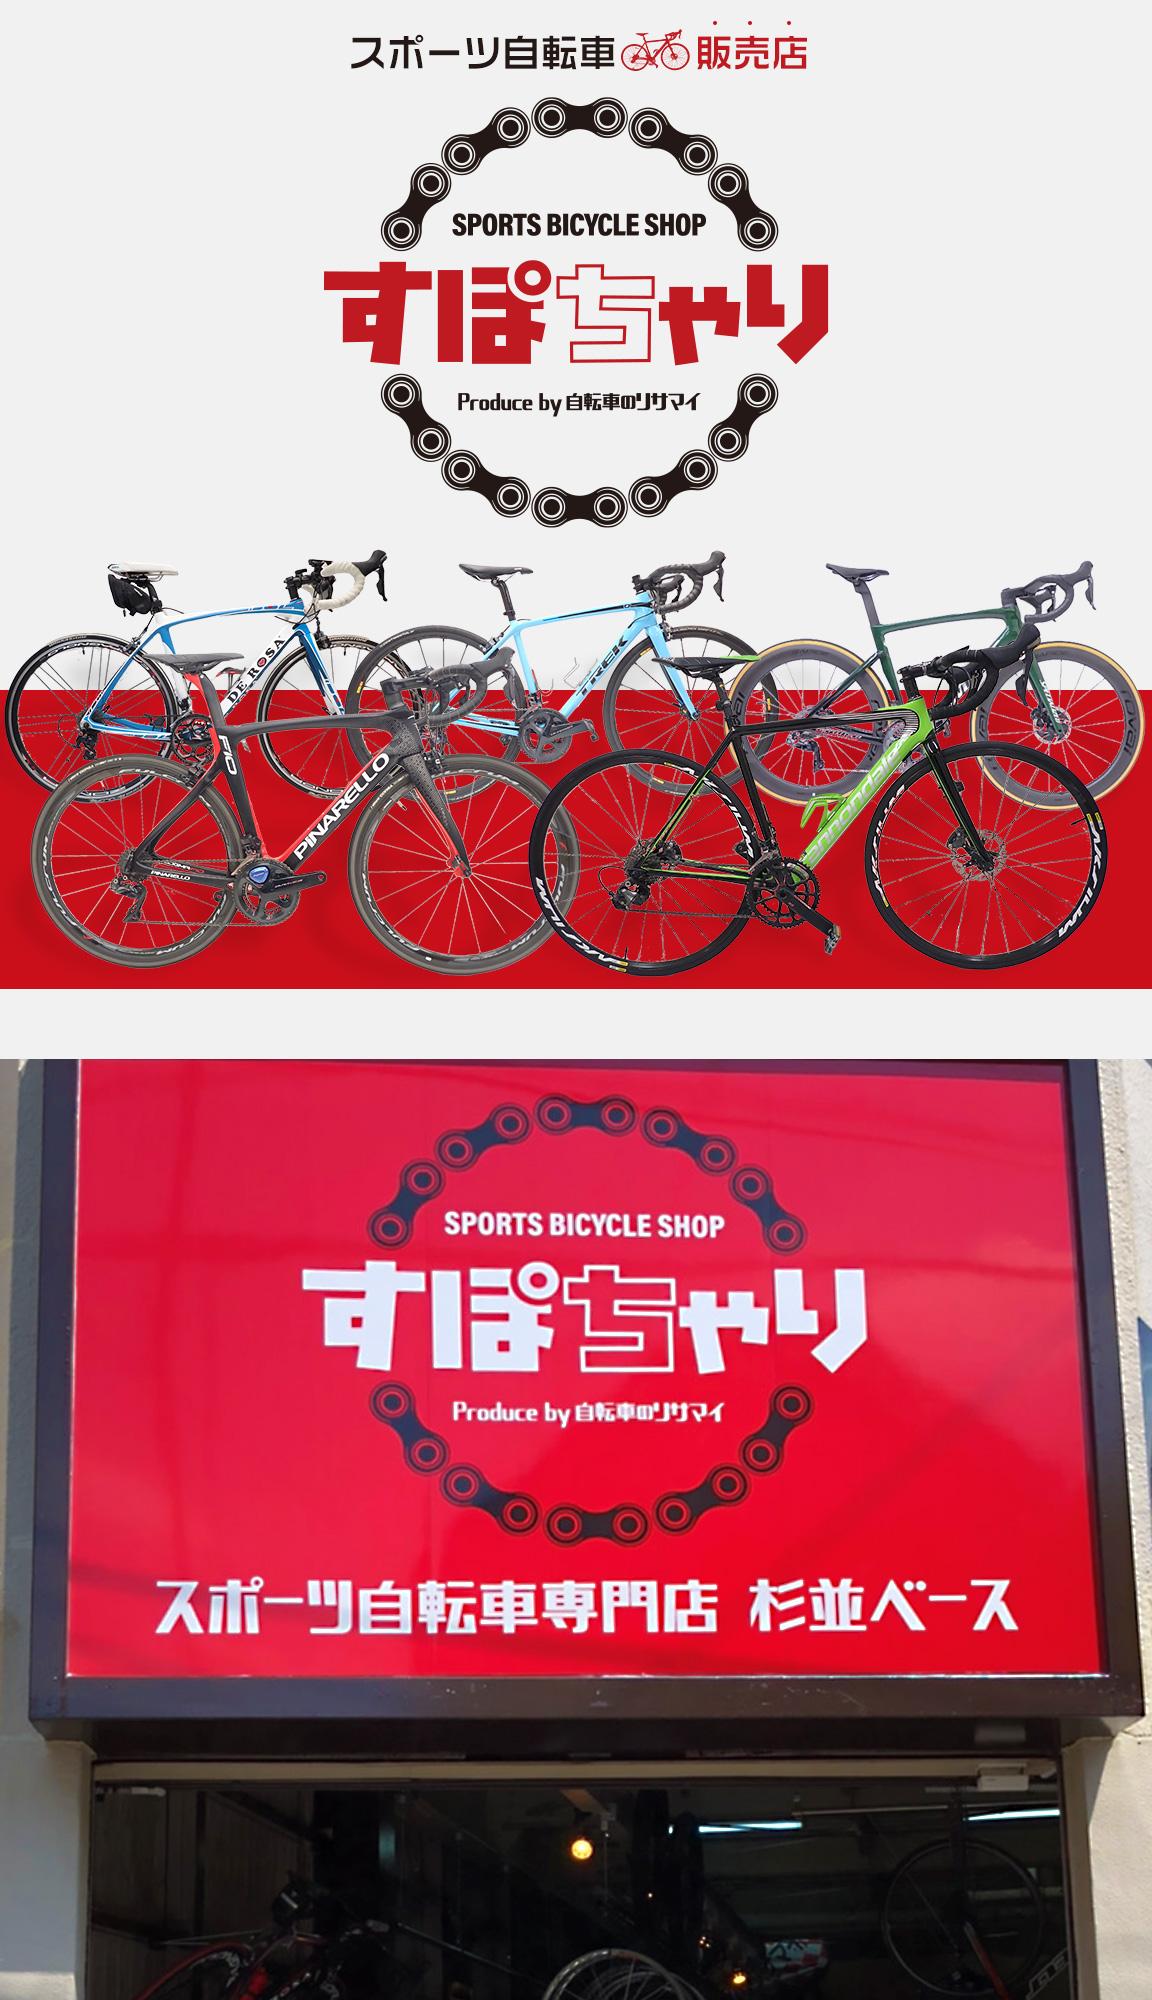 すぽちゃり Presented by 自転車のリサマイ